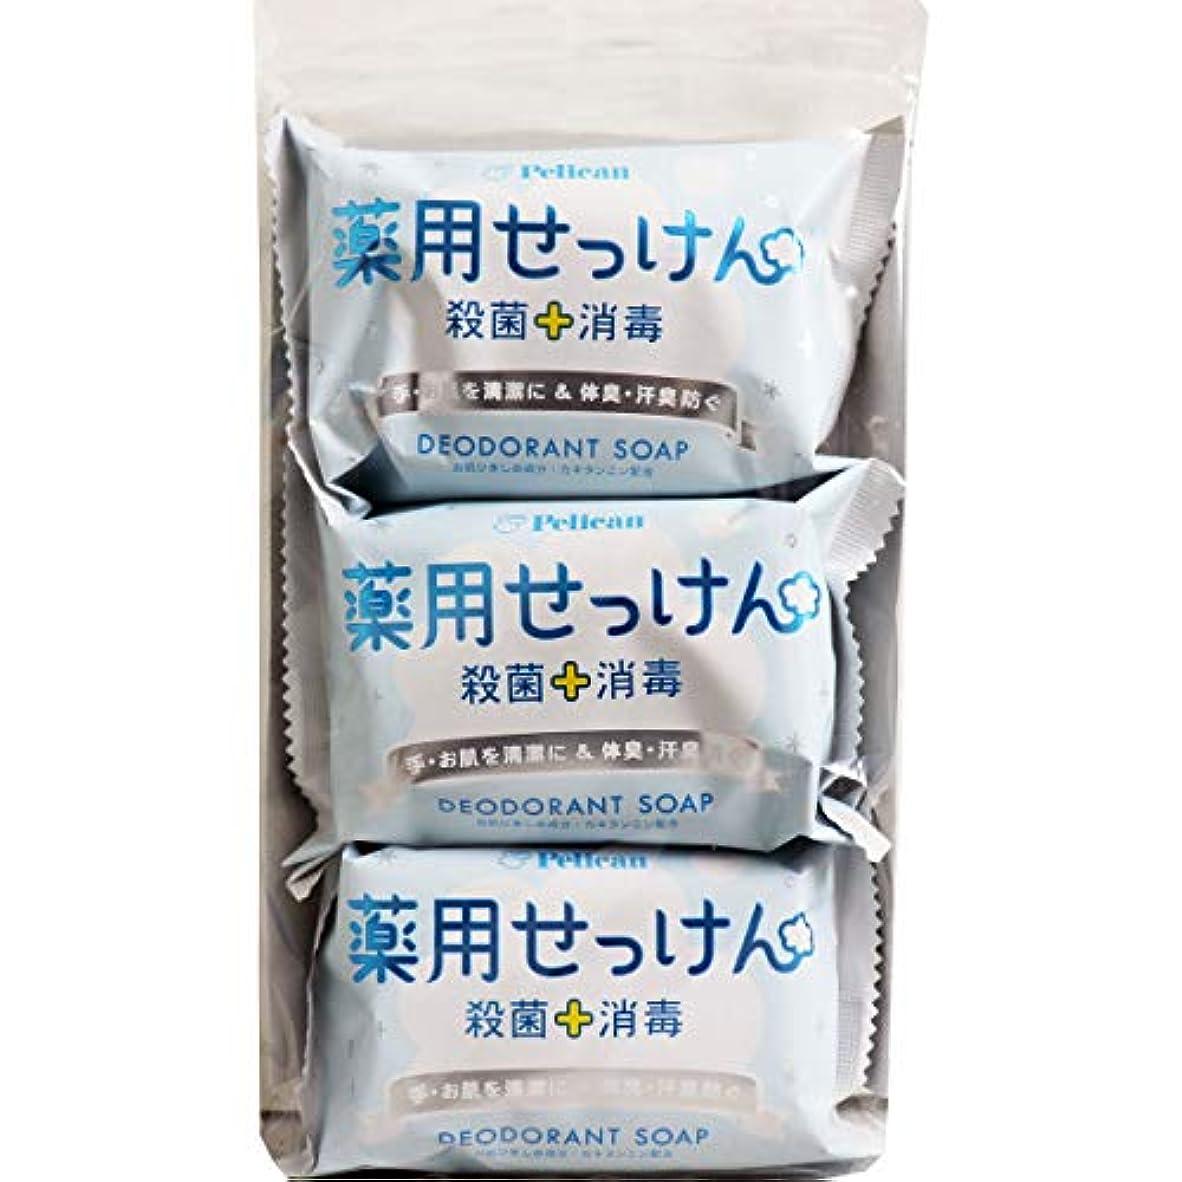 家畜薬理学トークンペリカン石鹸 薬用石けん 85g×3個×4パック